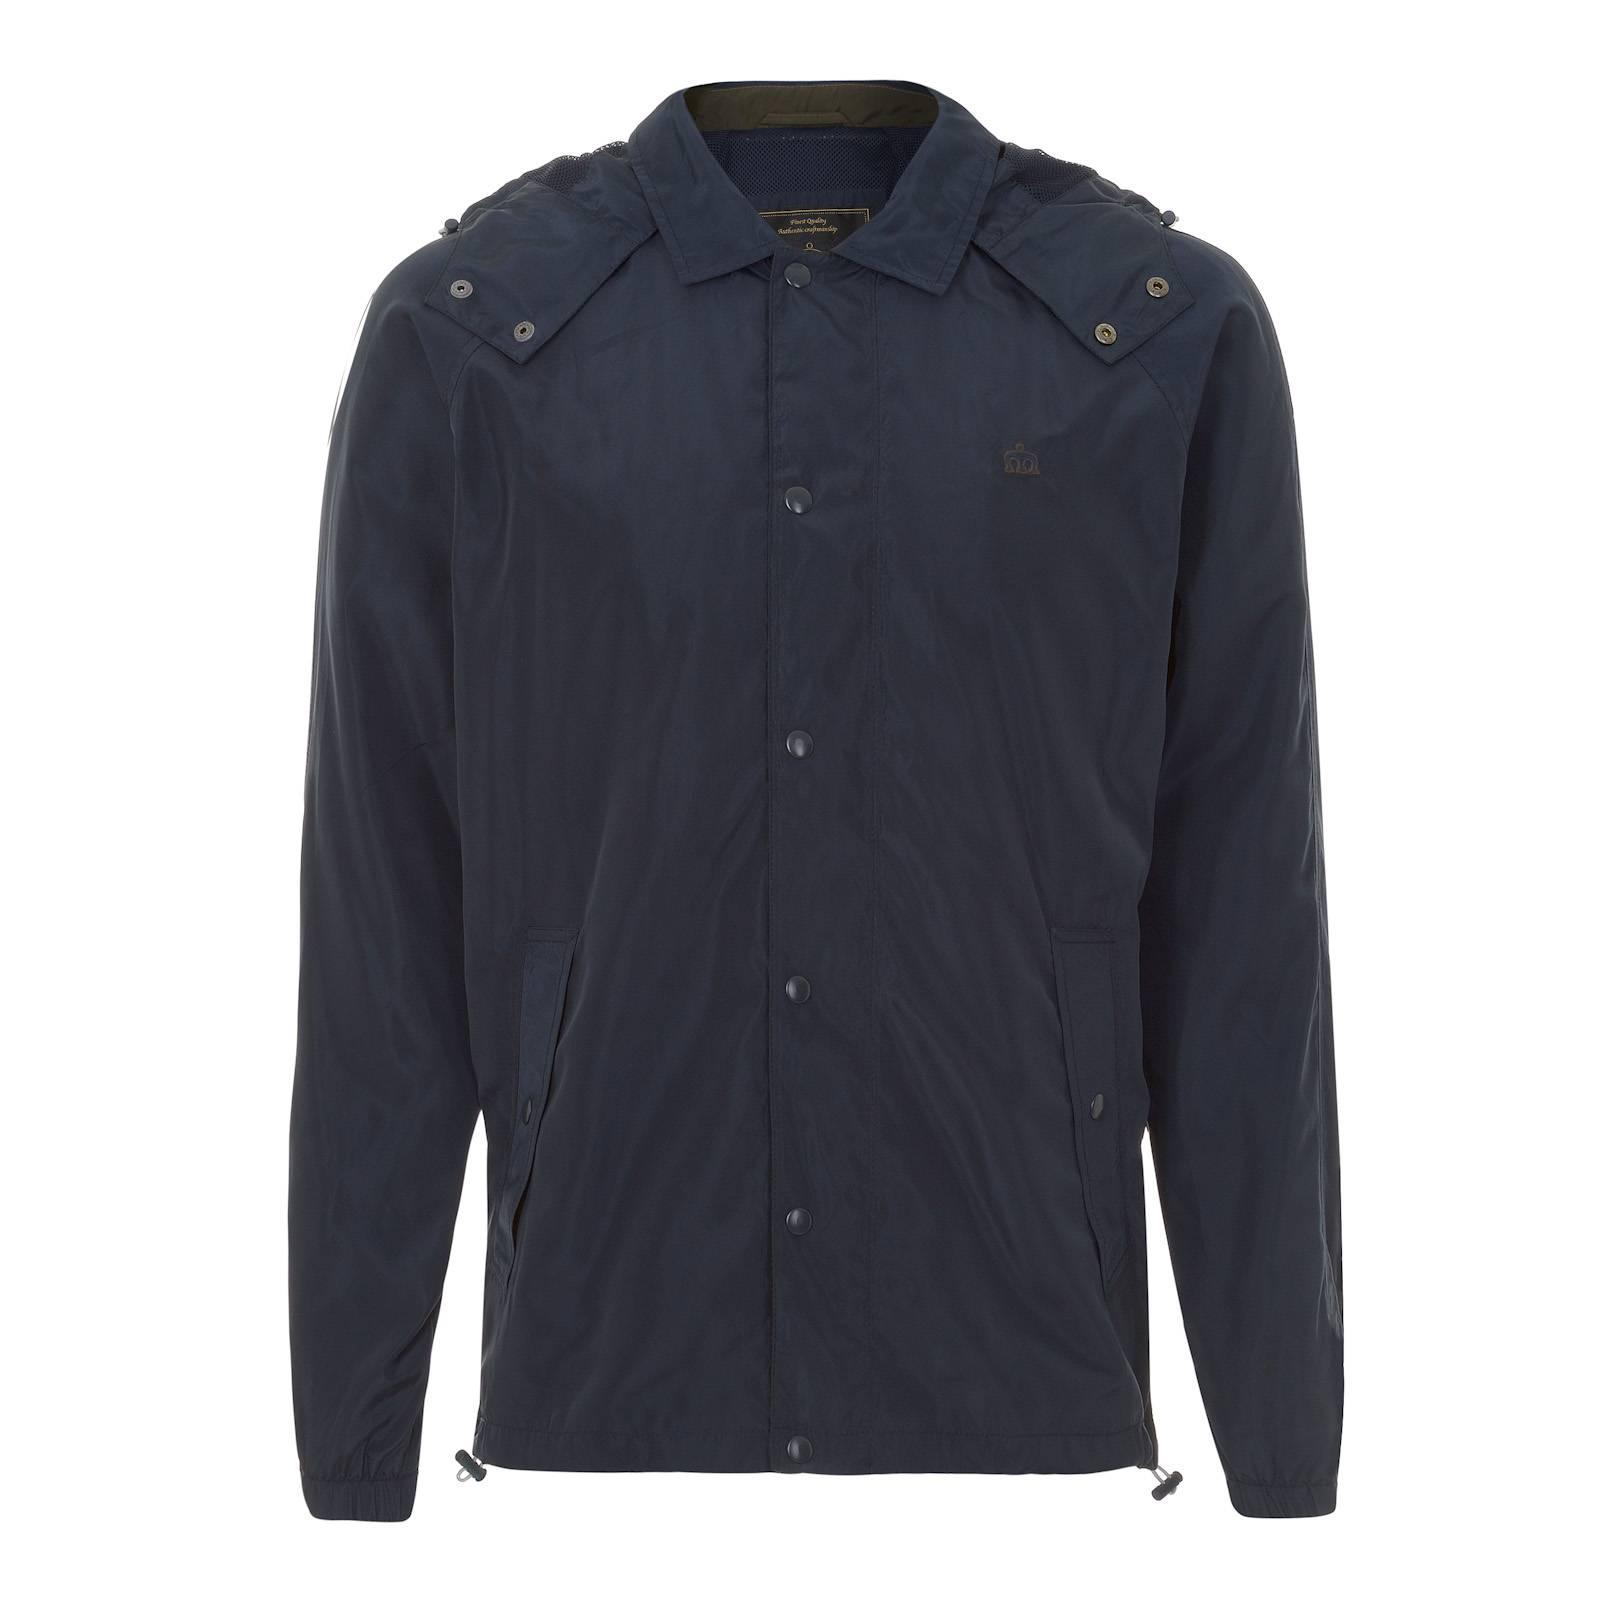 Куртка MontereyПоследняя цена<br>Летняя мужская куртка с капюшоном – простое и универсальное решение для верхнего гардероба на весеннее-летний сезон. Застегивается на кнопки, имеет два прорезных внешних и один внутренний карманы. Капюшон затягивается  контрастным белым шнурок с  карабиновыми фиксаторами и закрывается на горле кнопочной застежкой,  защищающей от ветра и дождя. Дышащая сетчатая подкладка 100% полиэстер.<br><br>Артикул: 1115101<br>Материал: 100% нейлон<br>Цвет: синий<br>Пол: Мужской